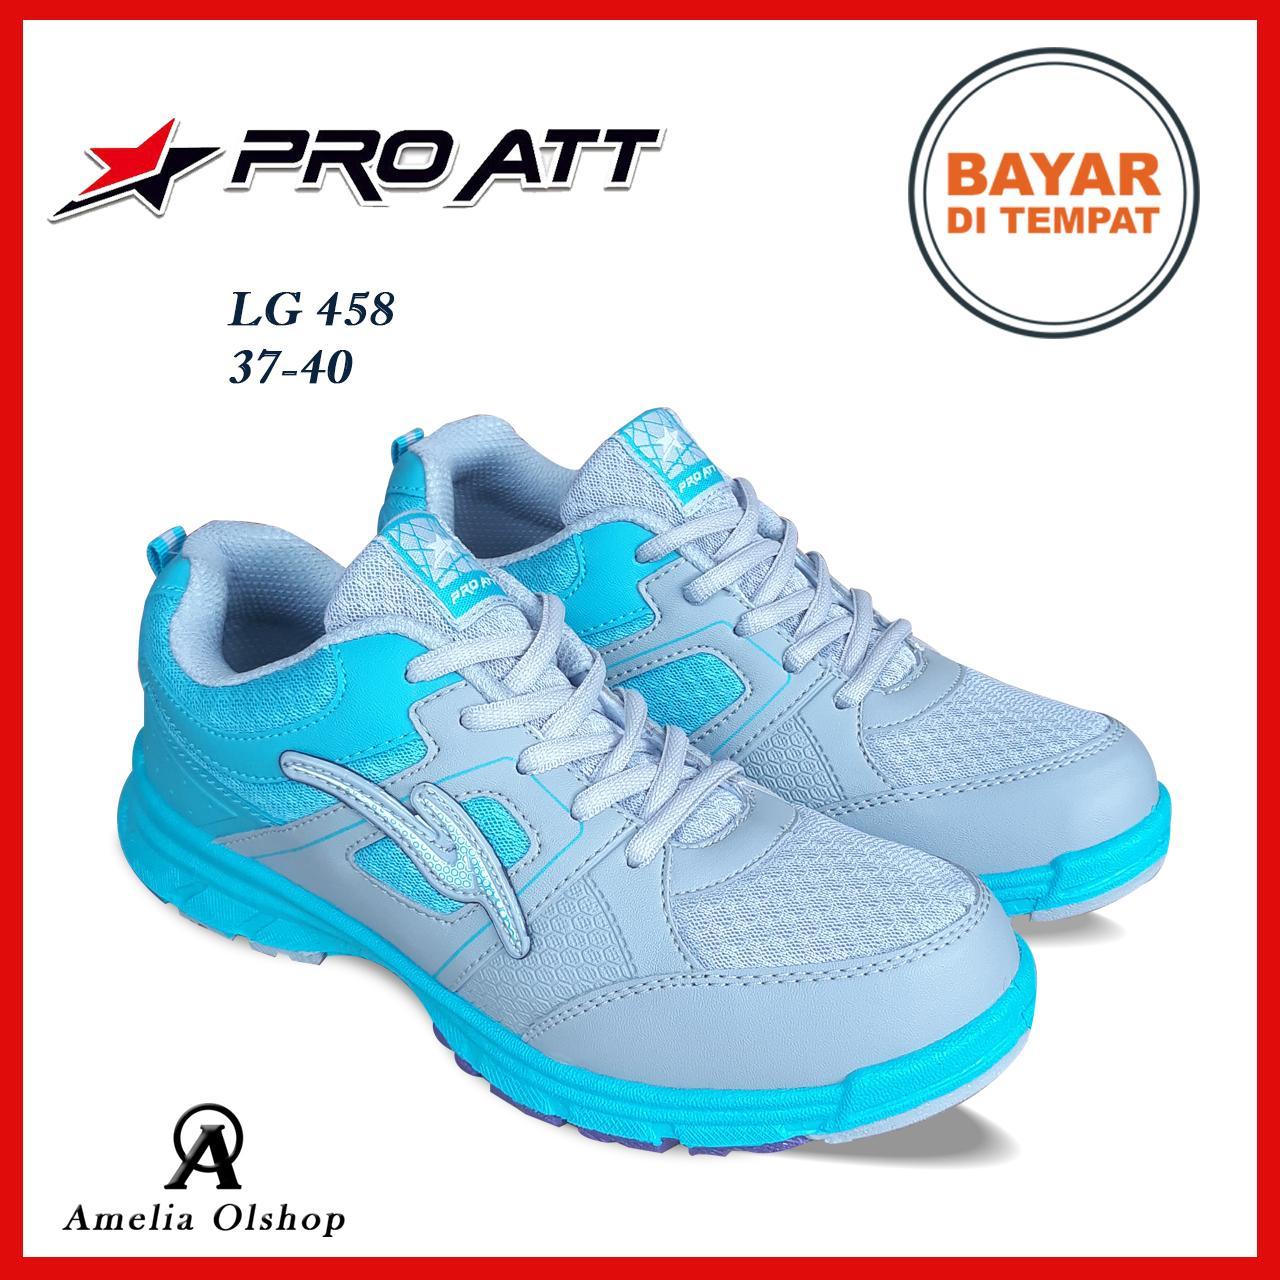 Amelia Olshop Sepatu Pro Att Sneaker Pria High Quality New Arrival ... f6f55b7a5d